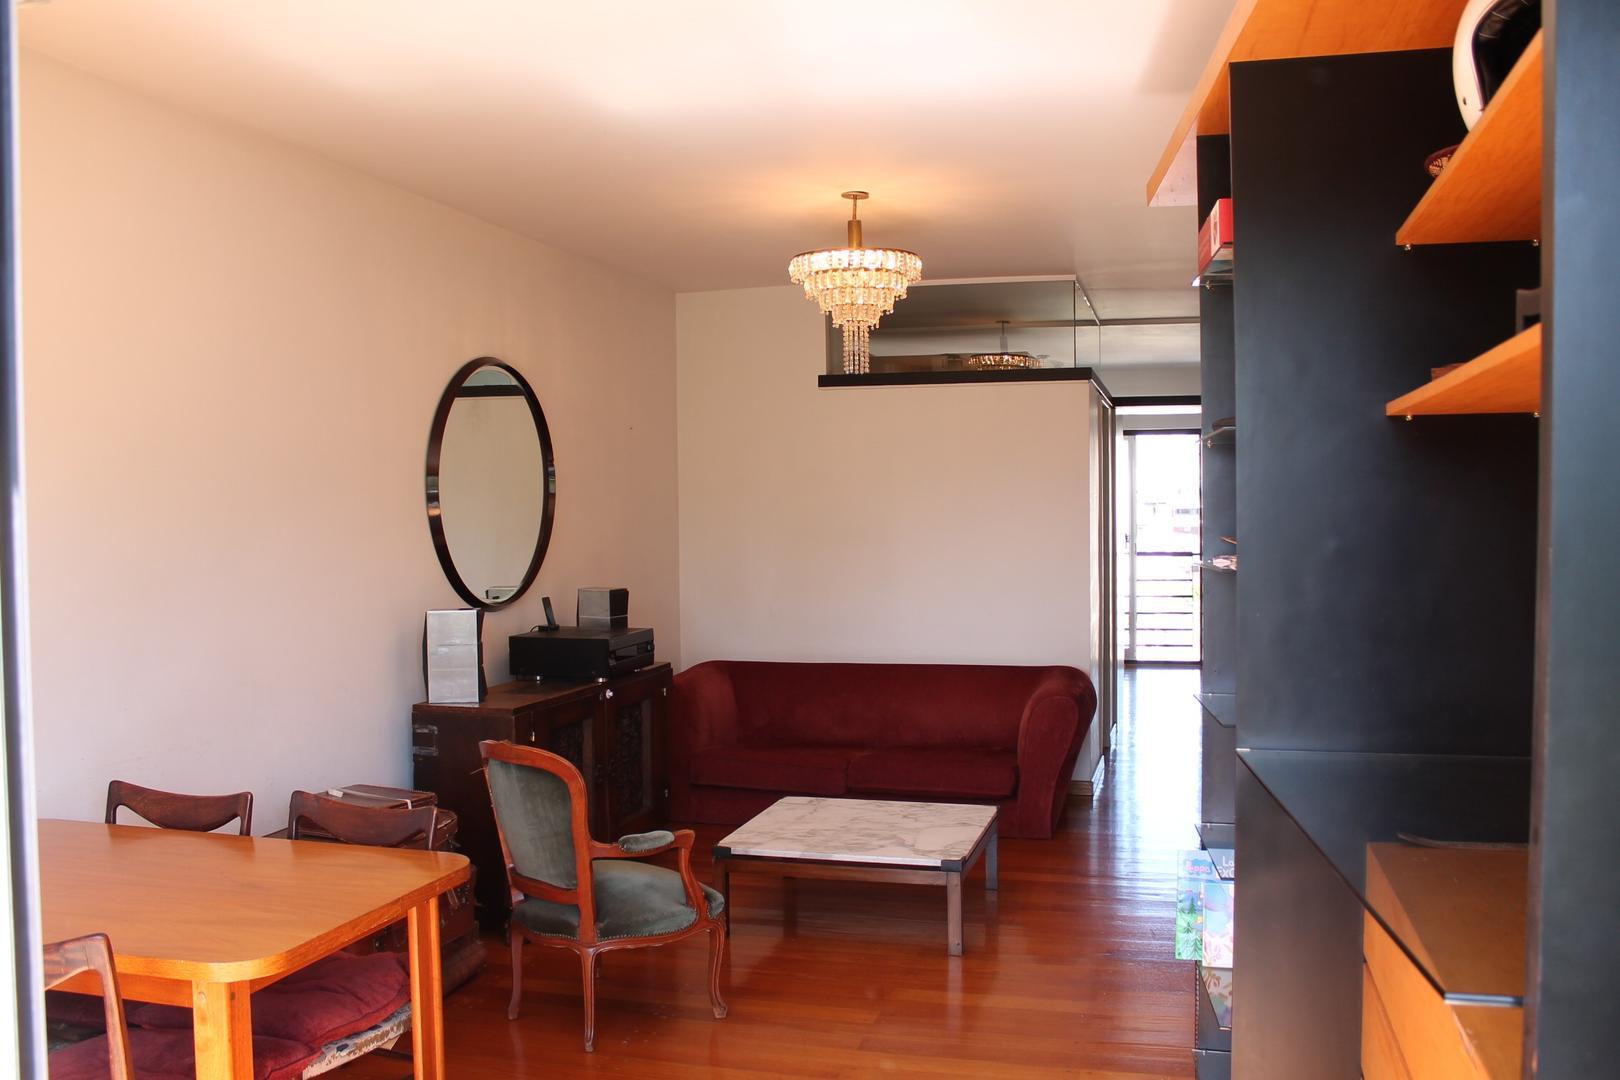 Departamento en Alquiler - 2 ambientes - $ 18.500